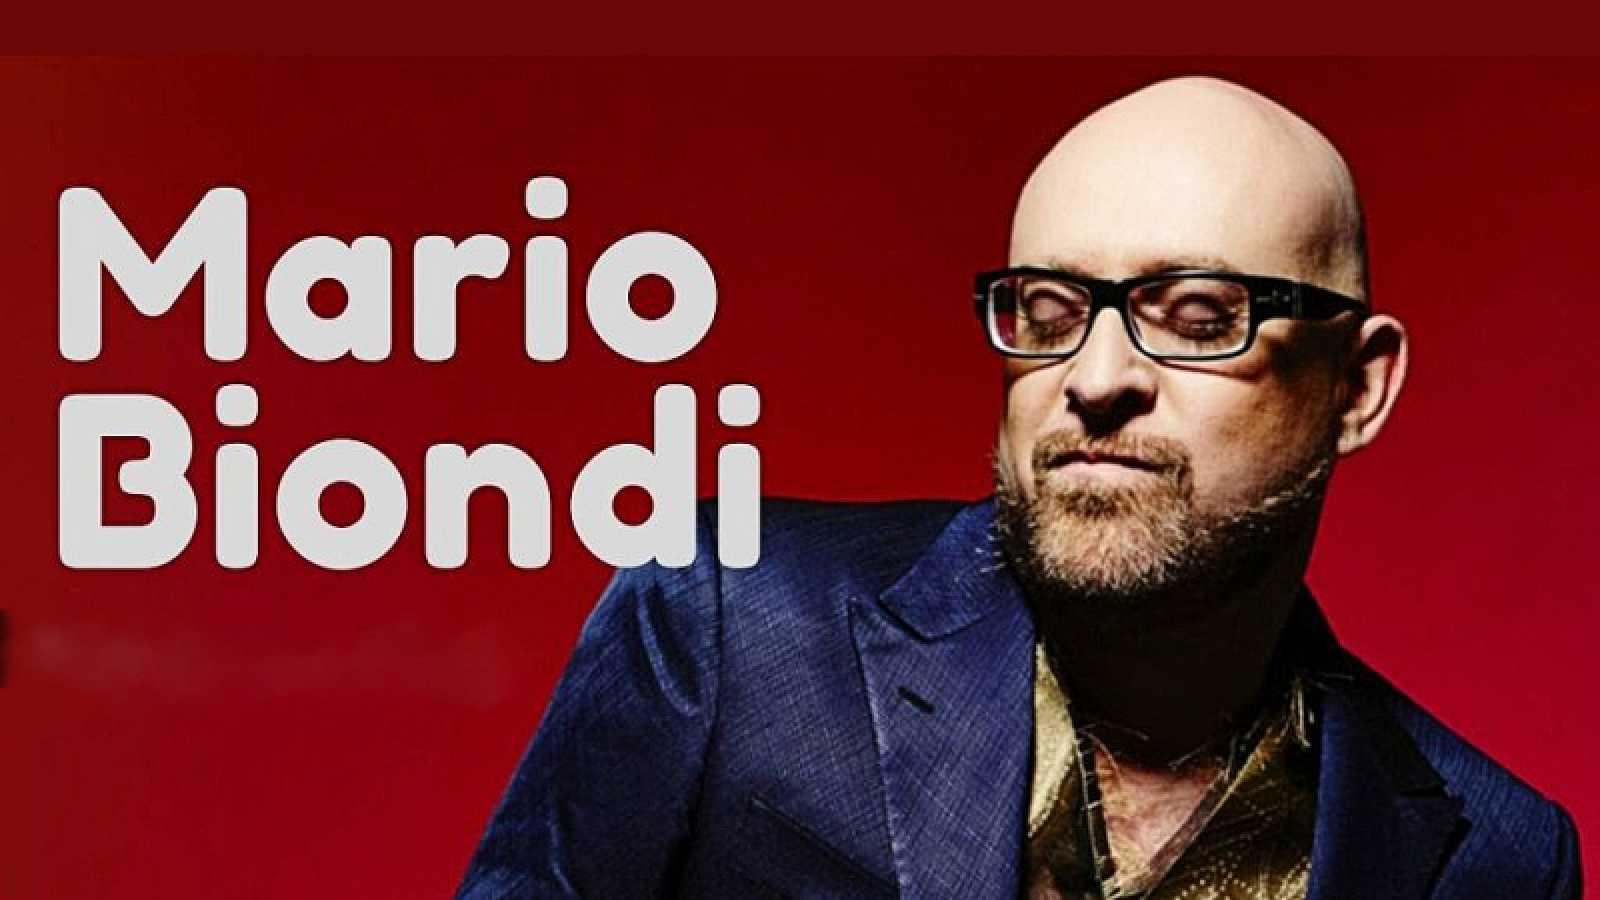 Próxima parada - Mario Biondi & Miguel Migs y Pepe Link - 14/10/20 - escuchar ahora